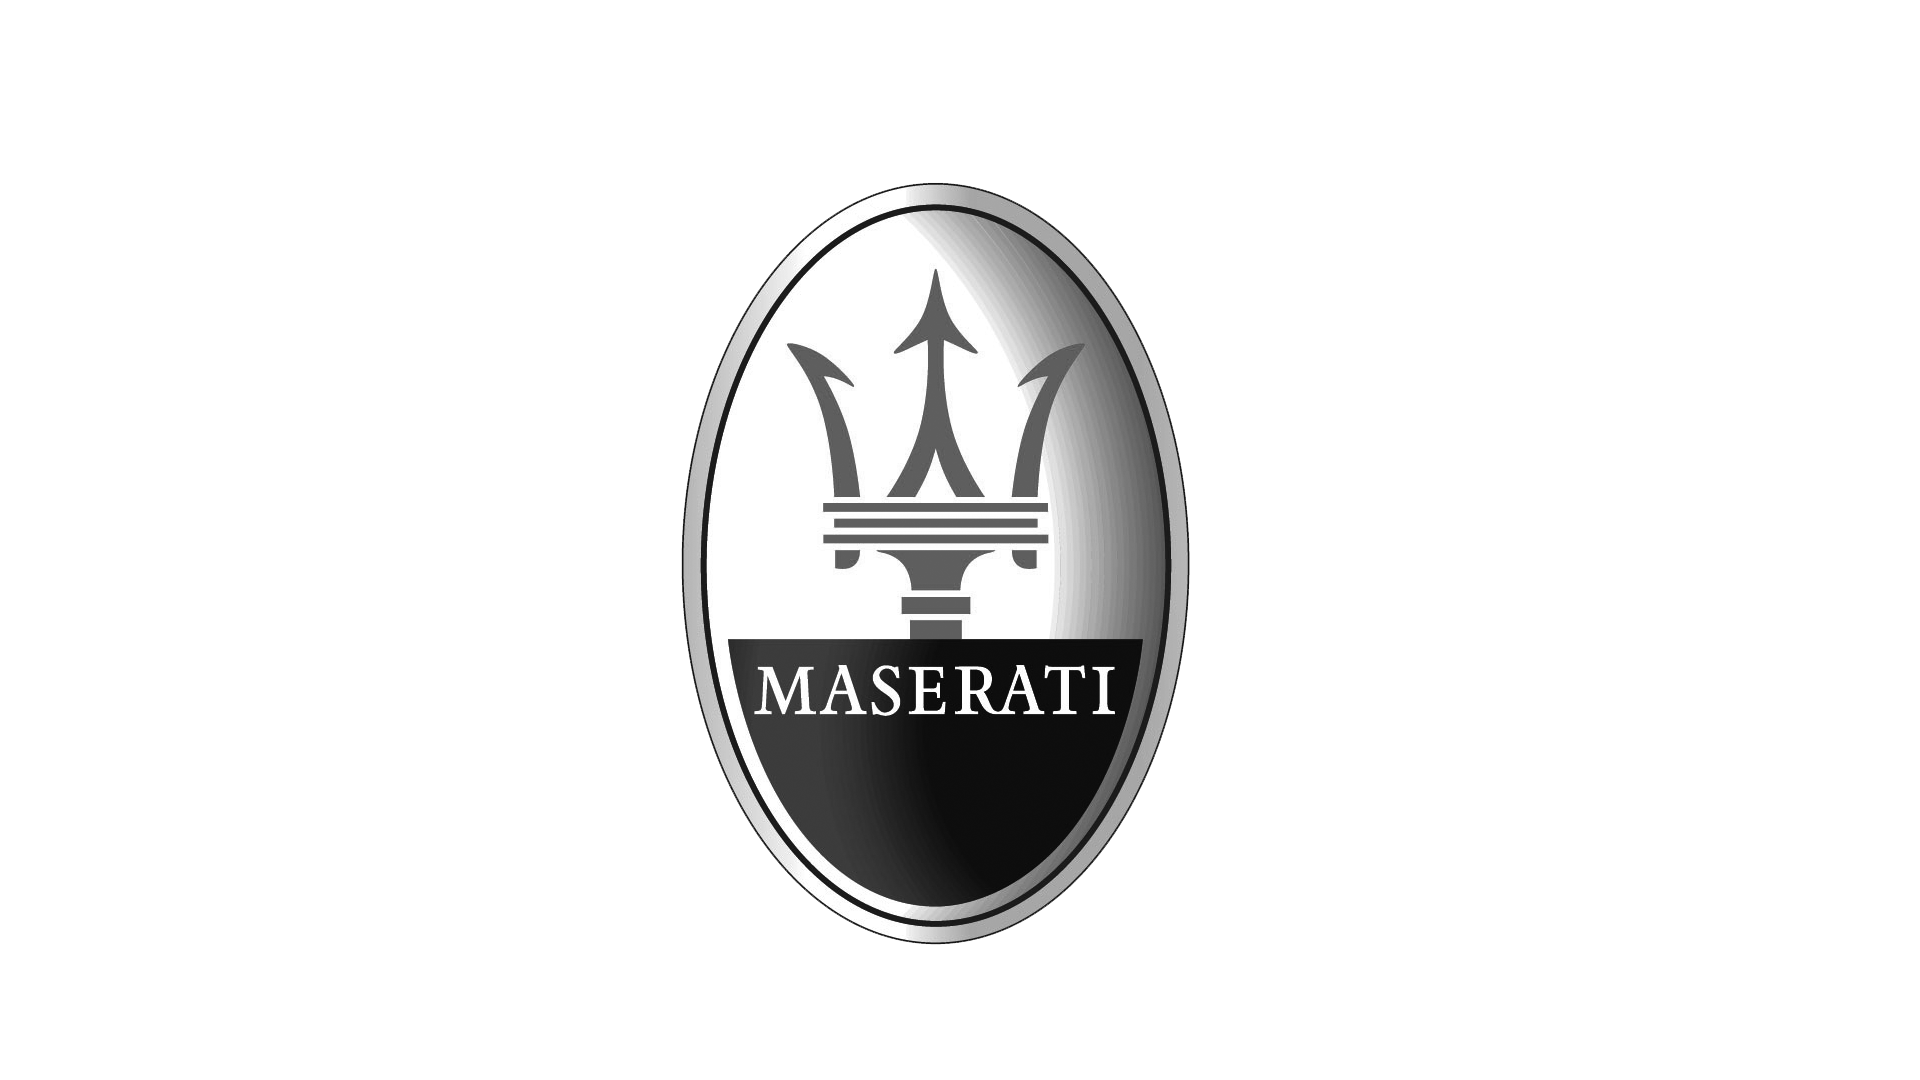 Maserati-symbol-1920x1080